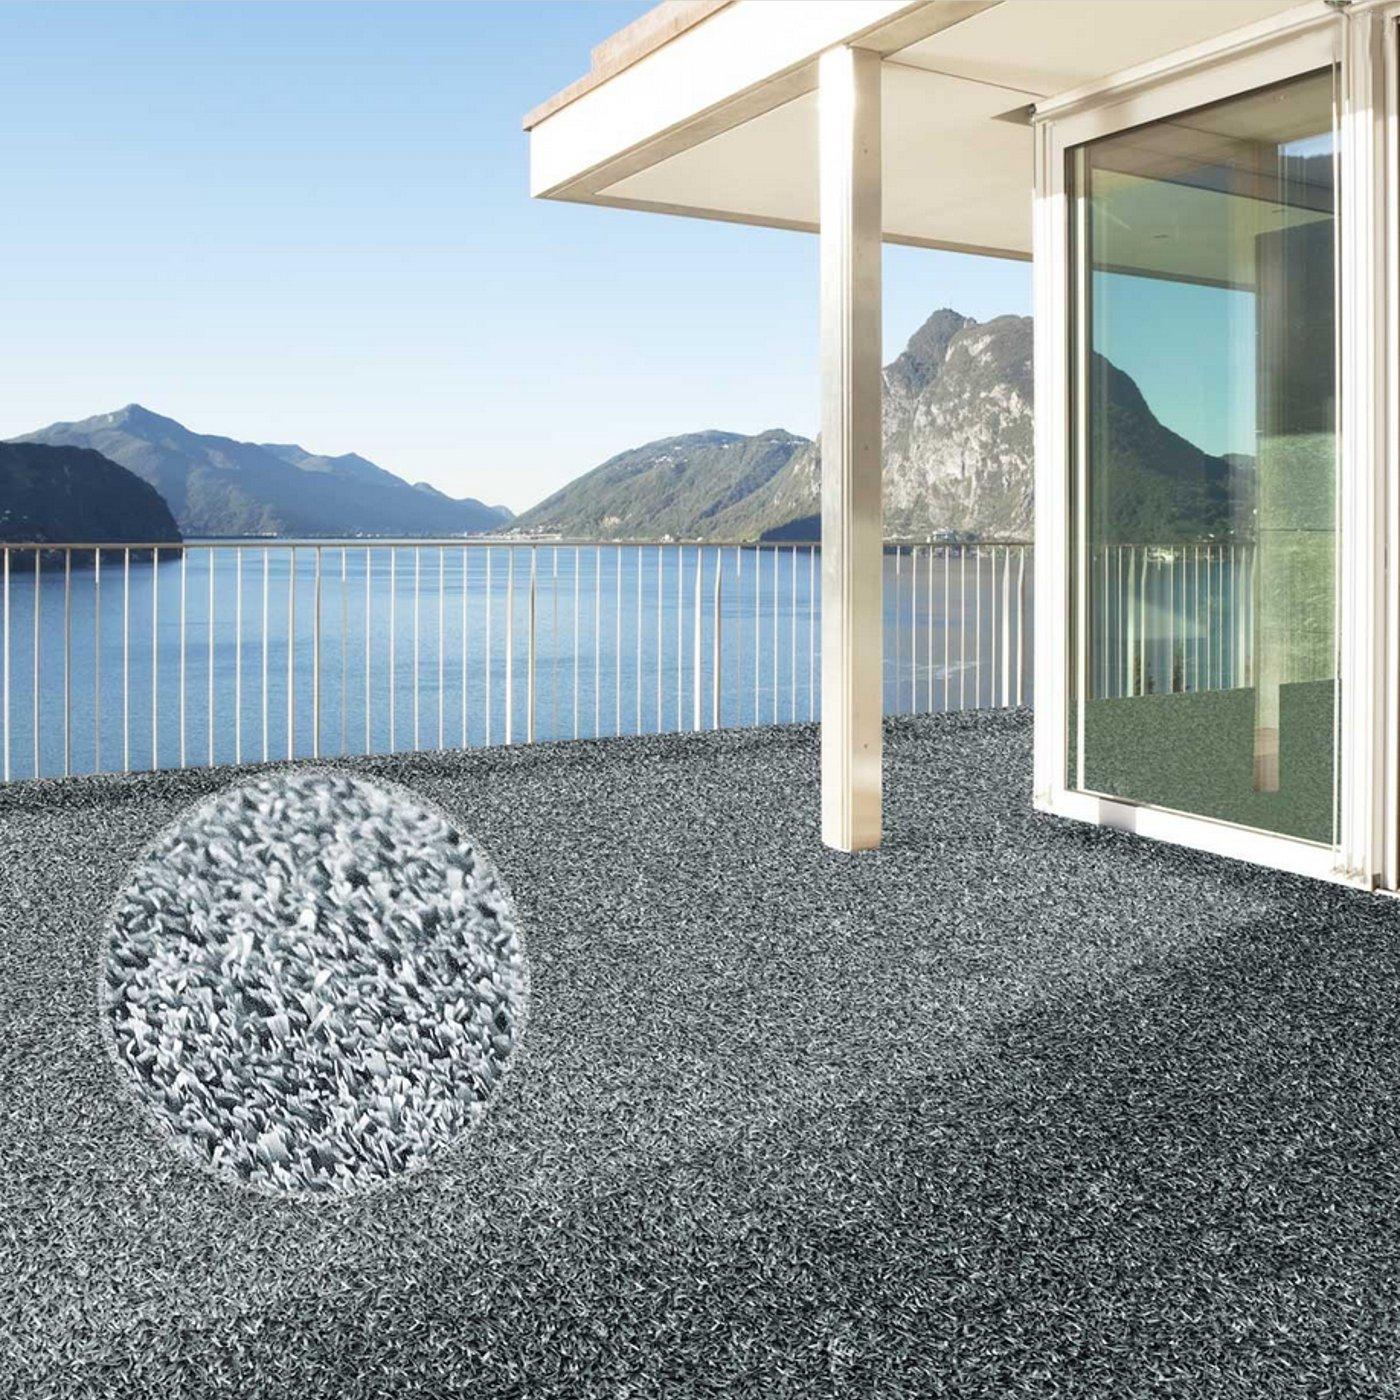 | rev/êtement de Sol Outdoor 2000x200cm pour Jardin terrasse Balcon etc casa pura Moquette dext/érieur Spring Gris au m/ètre Tapis Type Gazon Artificiel